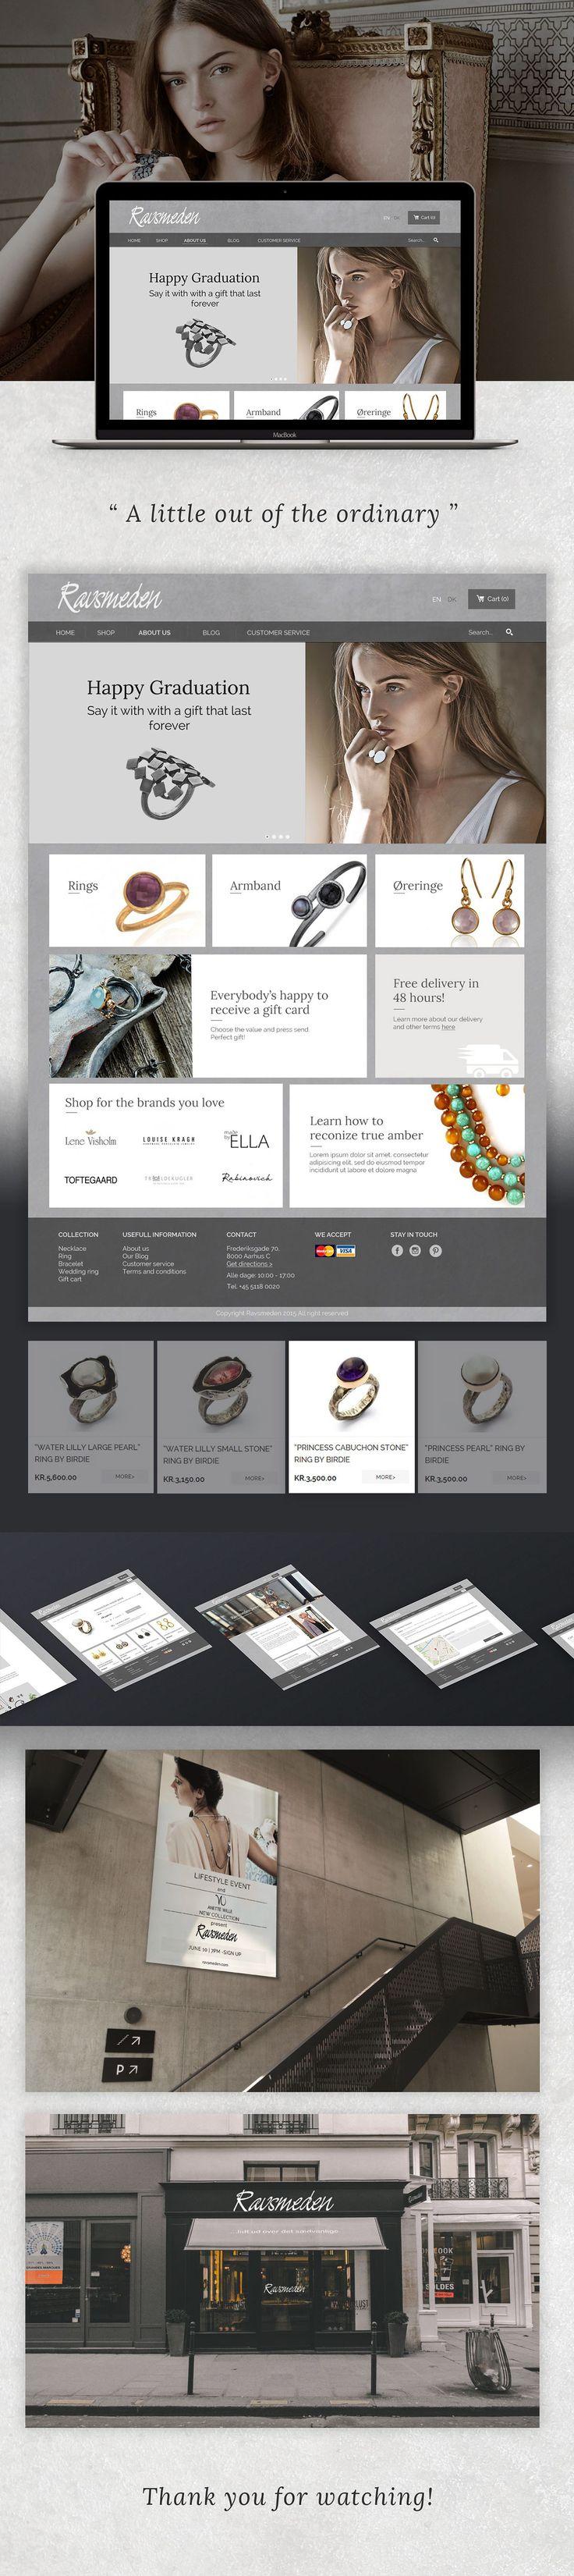 Ravsmeden Jewelry Web Design on Behance